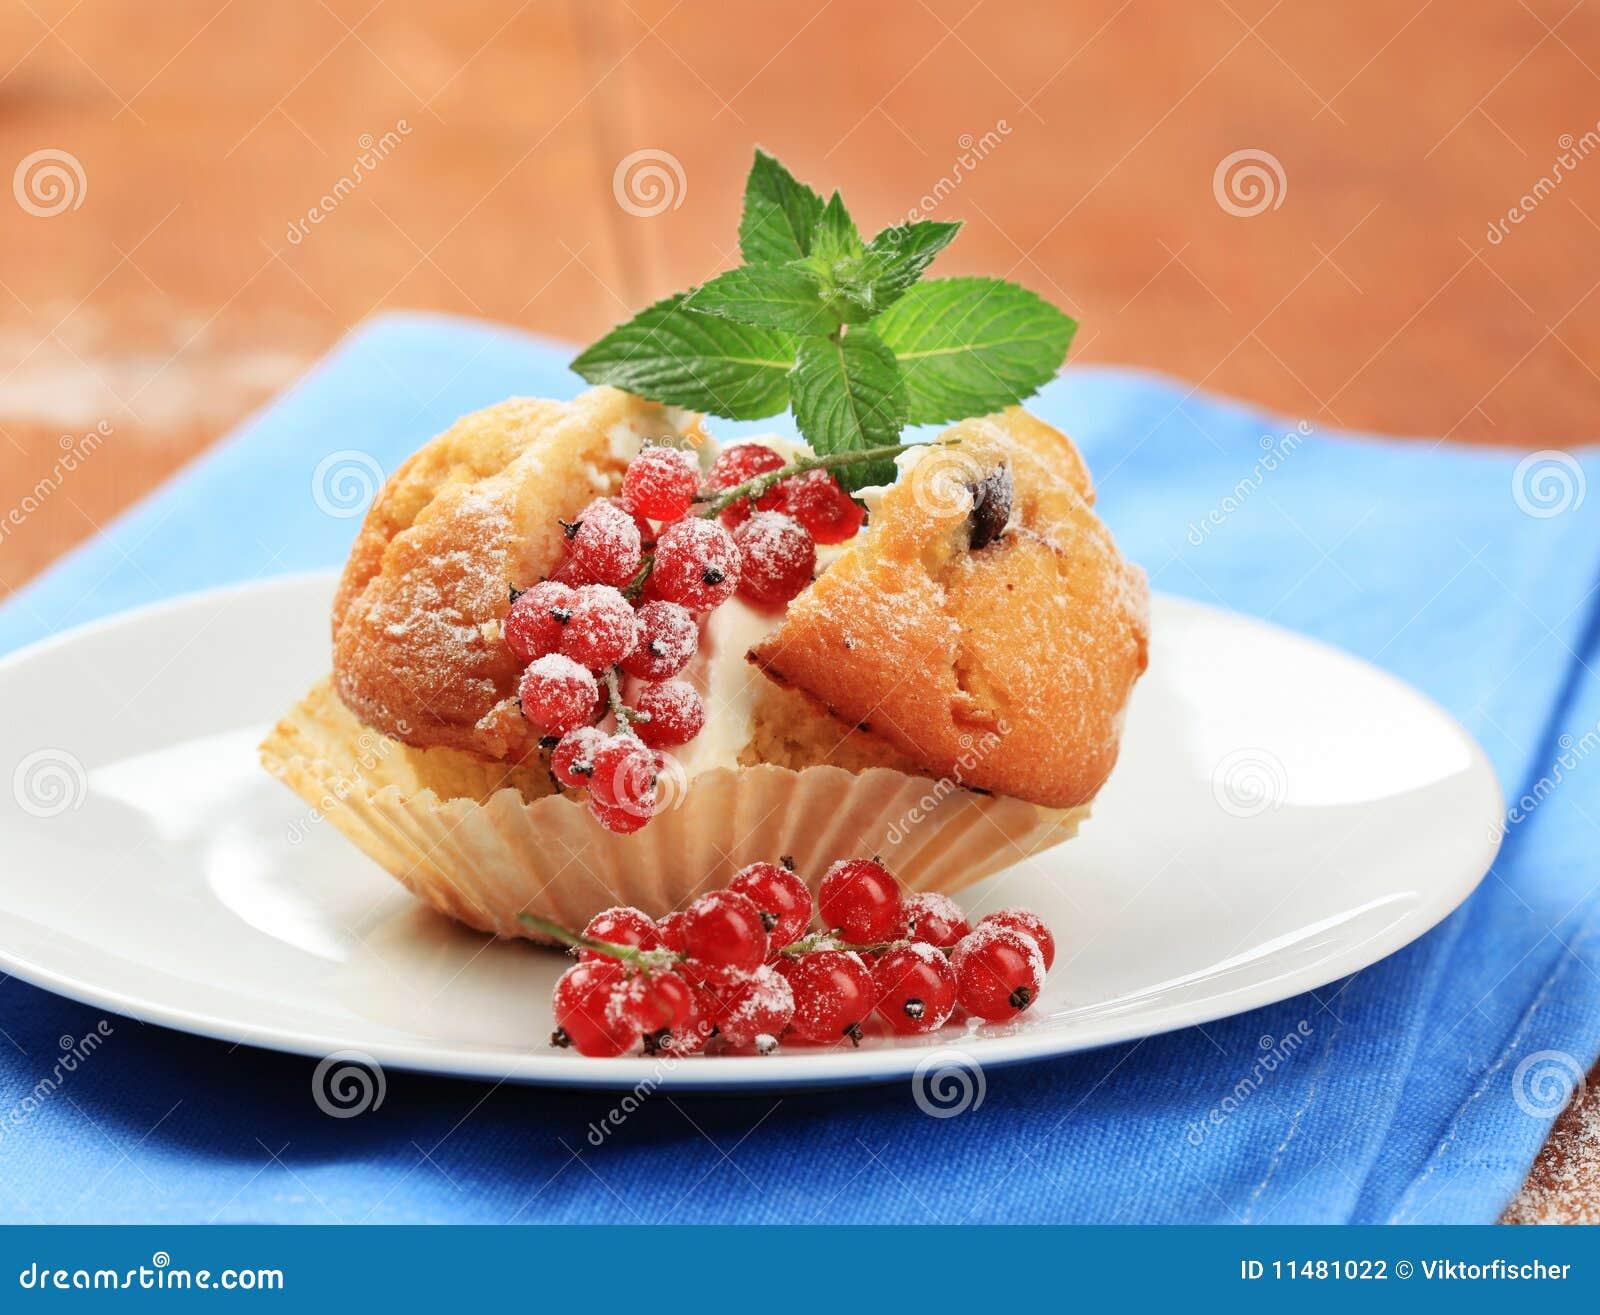 Słodka bułeczka smakowity